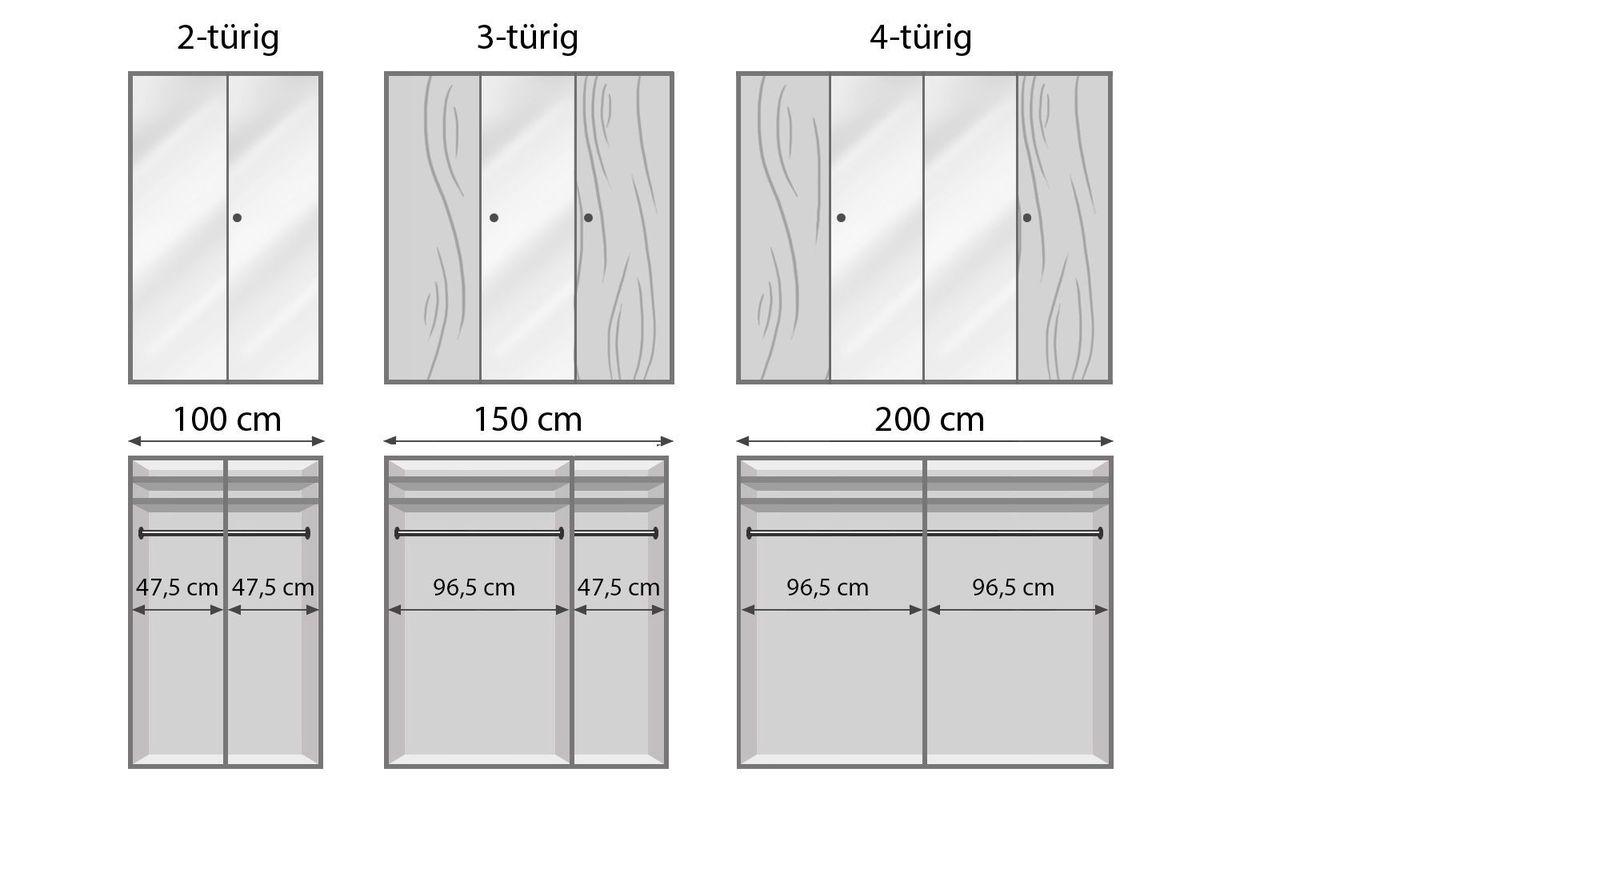 Spiegel-Kleiderschrank Aliano mit Infografik zur Inneneinteilung